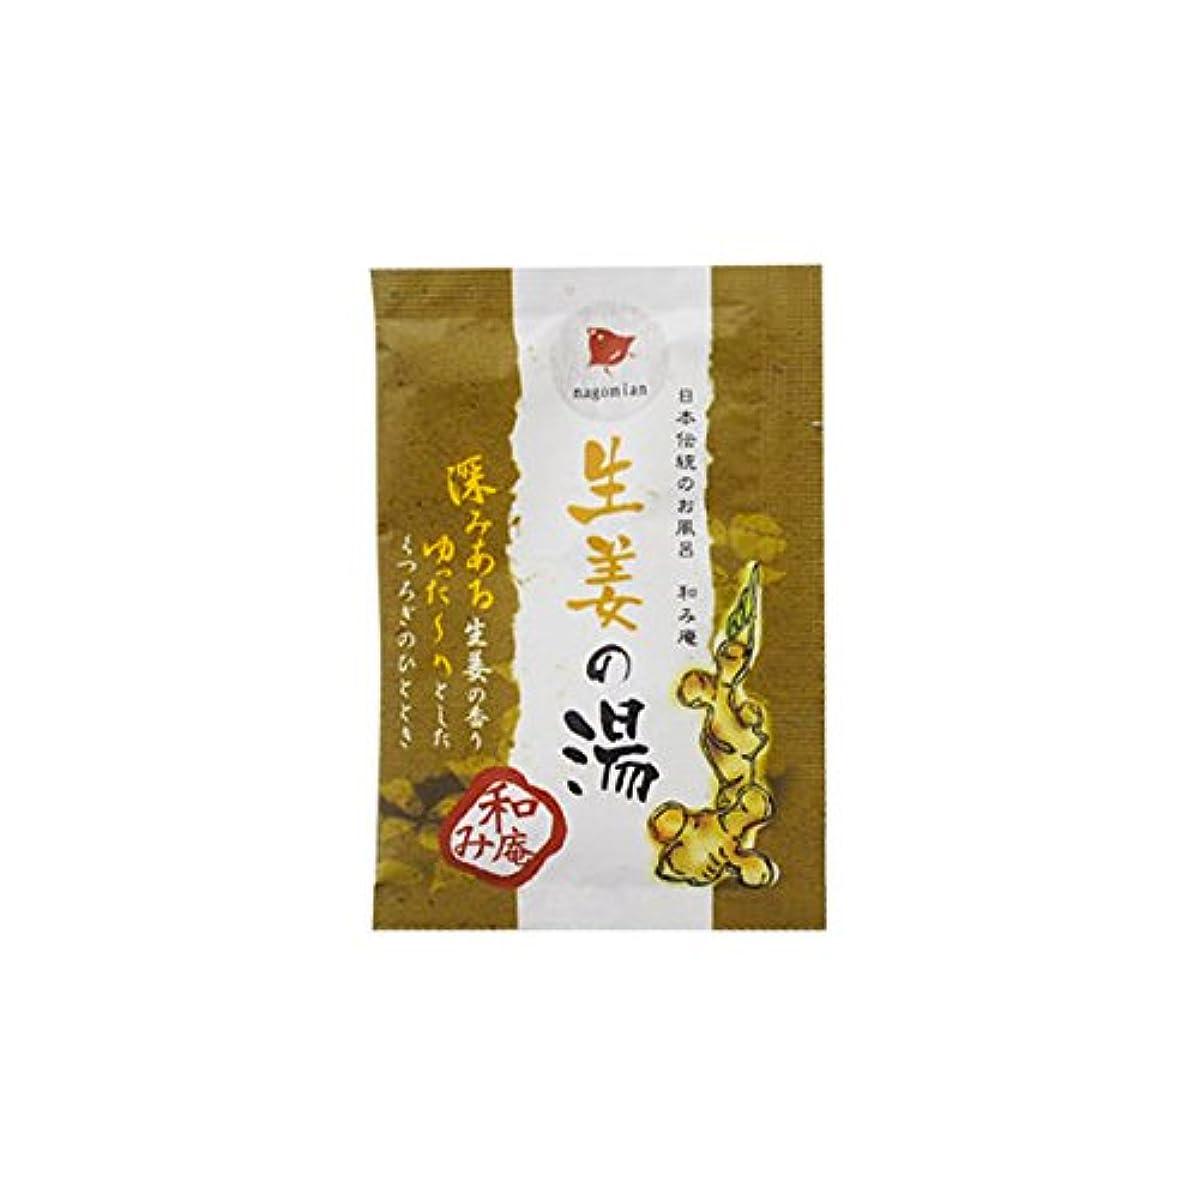 ムスあえぎ不良品和み庵 入浴剤 「生姜の湯」30個